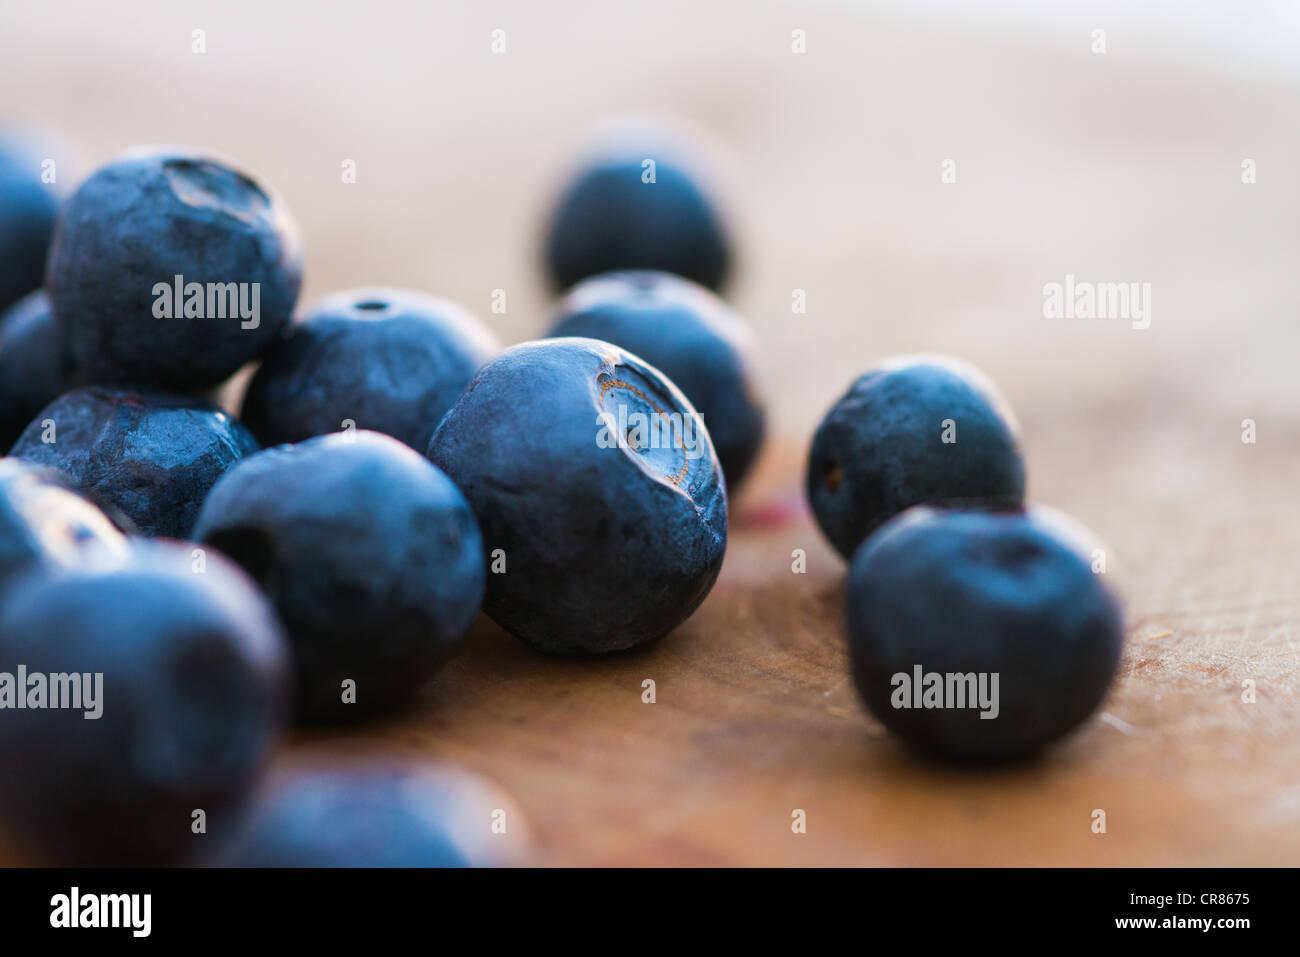 Les bleuets sur une planche en bois Photo Stock